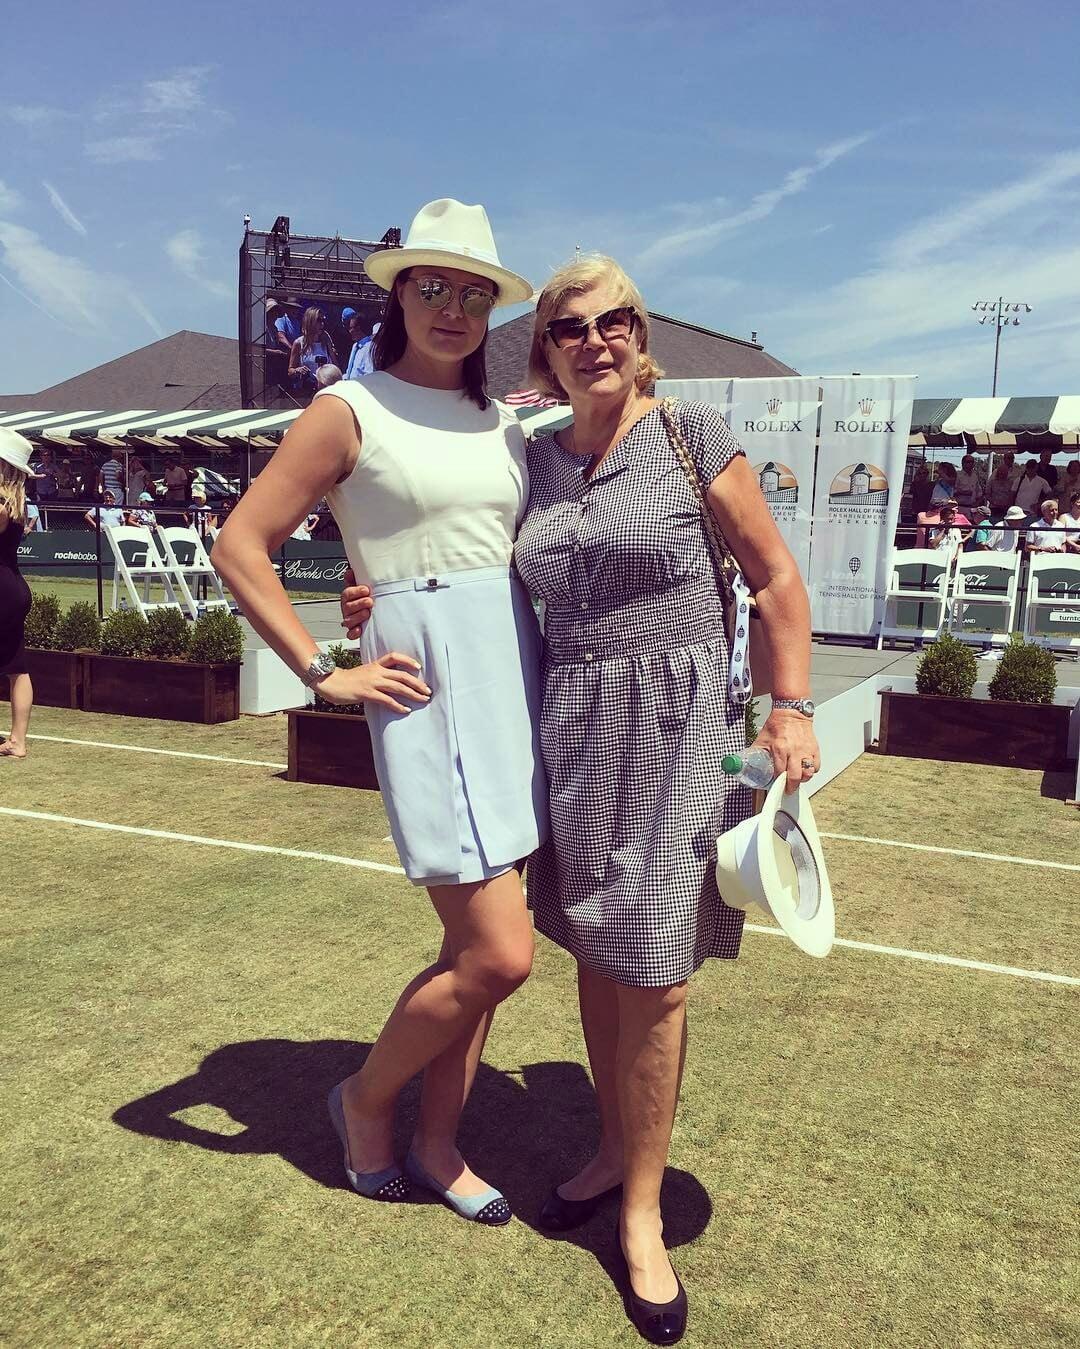 Пронзительное интервью Динары Сафиной – о ненужности русскому теннису, тошноте от игры и (не)накачанных губах